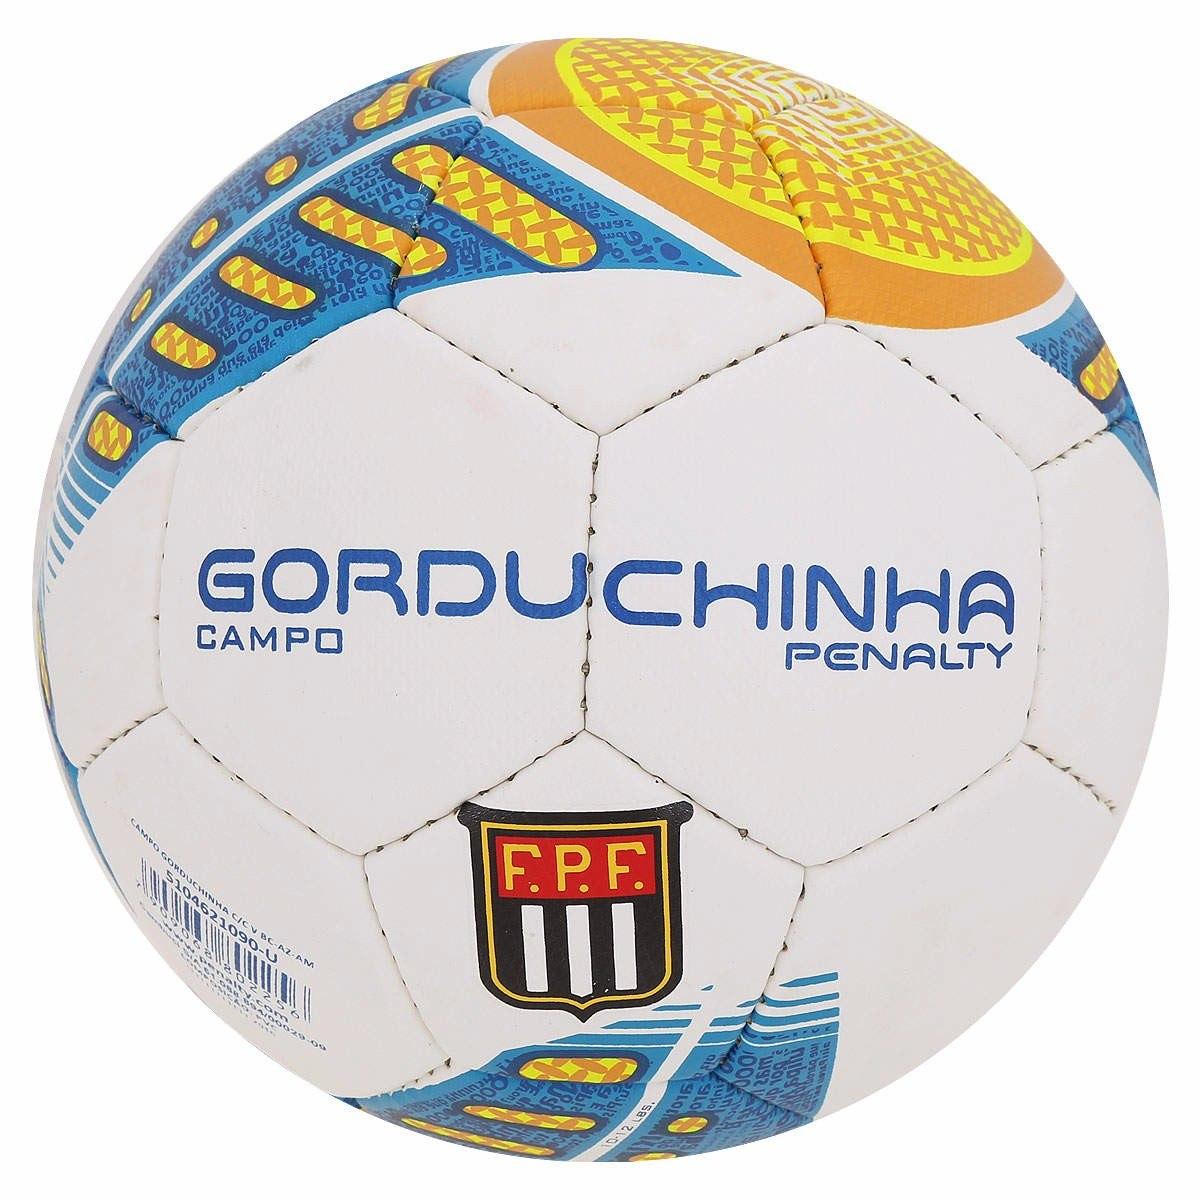 bola futebol campo penalty gorduchinha costurada. Carregando zoom. 939e8de5fa53e